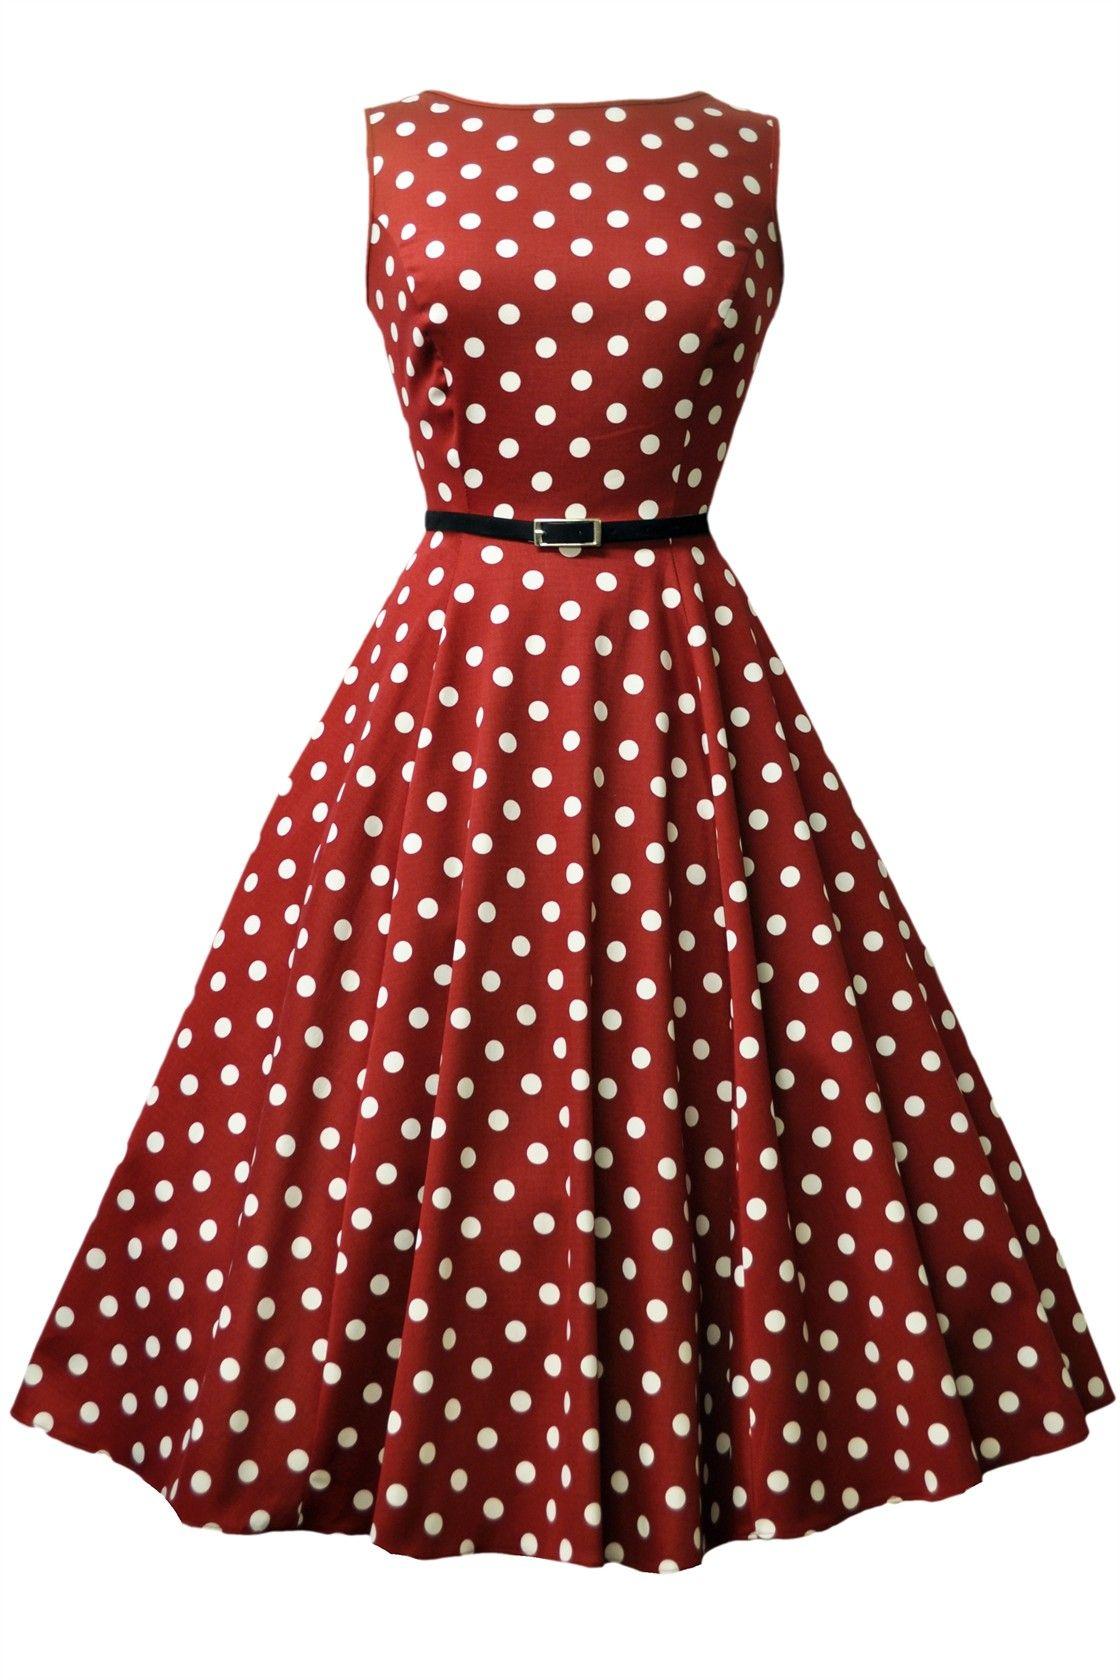 Wine Red Polka Dot Hepburn Kellomekko  Ihastuttava Wine Red Polka Dot kellomekko on todellinen katseenkääntäjä. Audrey Hepburn -tyyliä mukaileva mekko on upea kokonaisuus, jossa yhdistyvät mahtavat värit, ihana leikkaus ja ajattomuus.